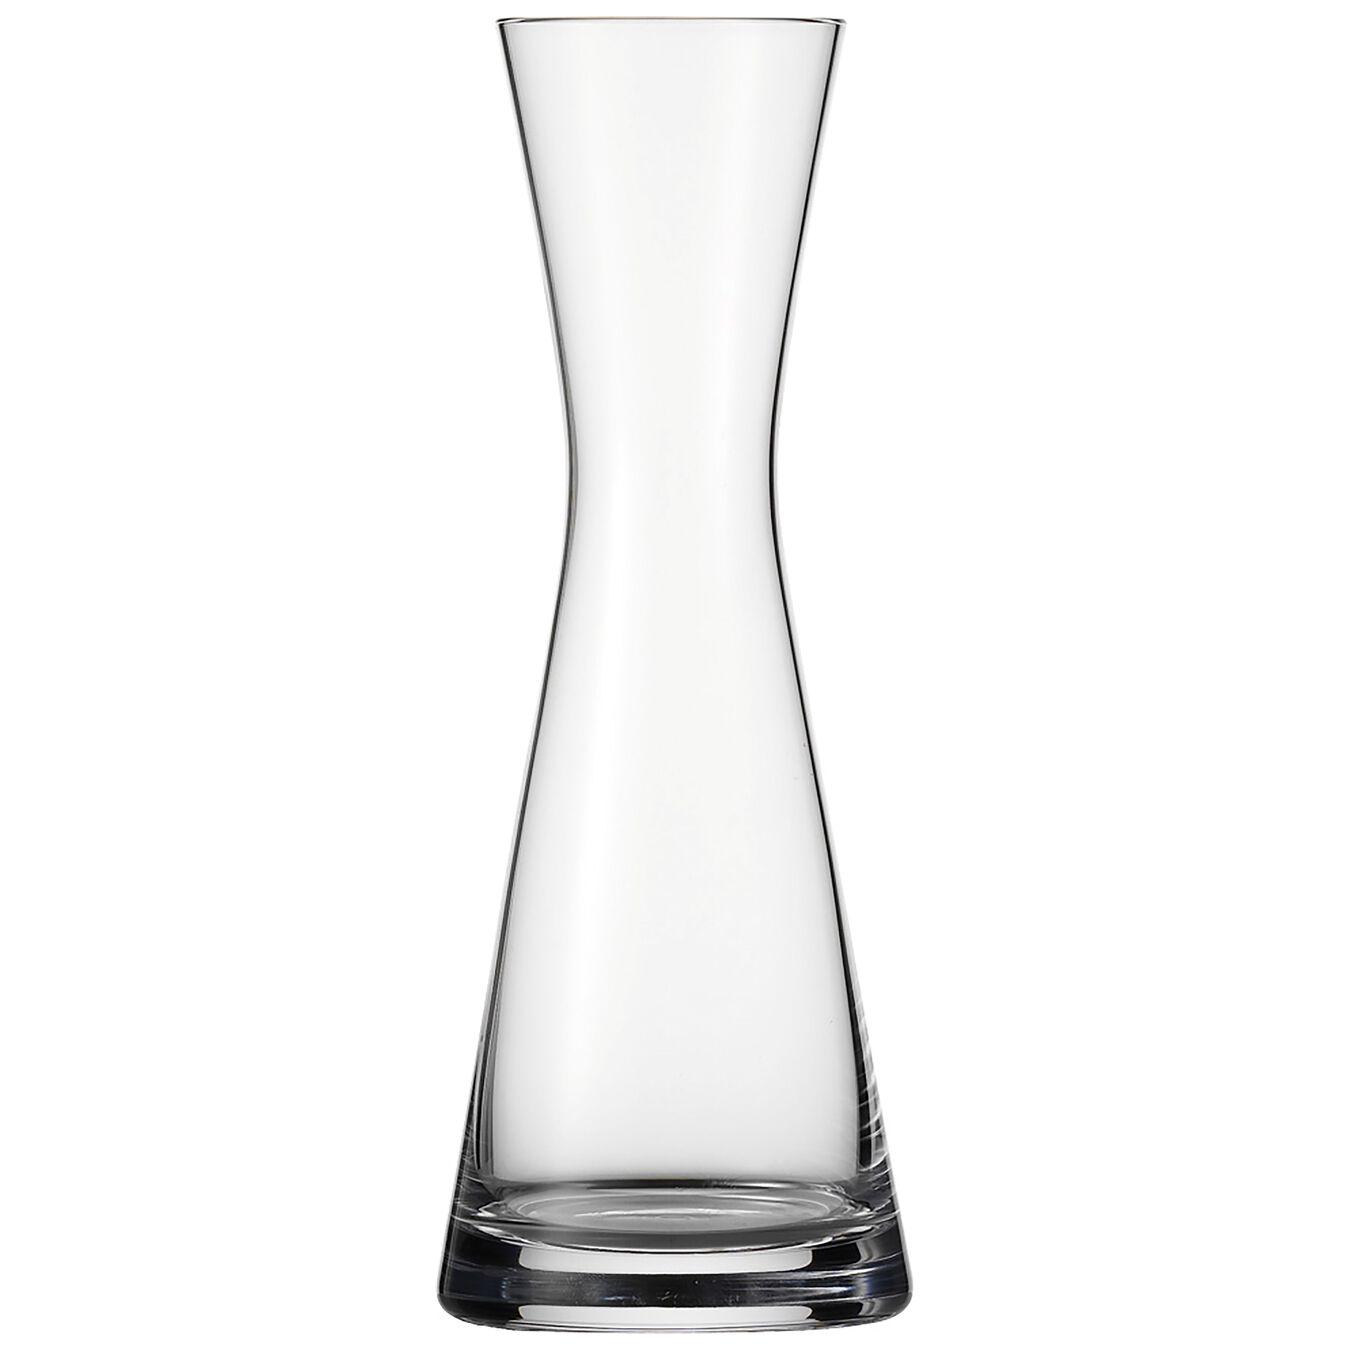 Carafe 250 ml, Vidro,,large 1